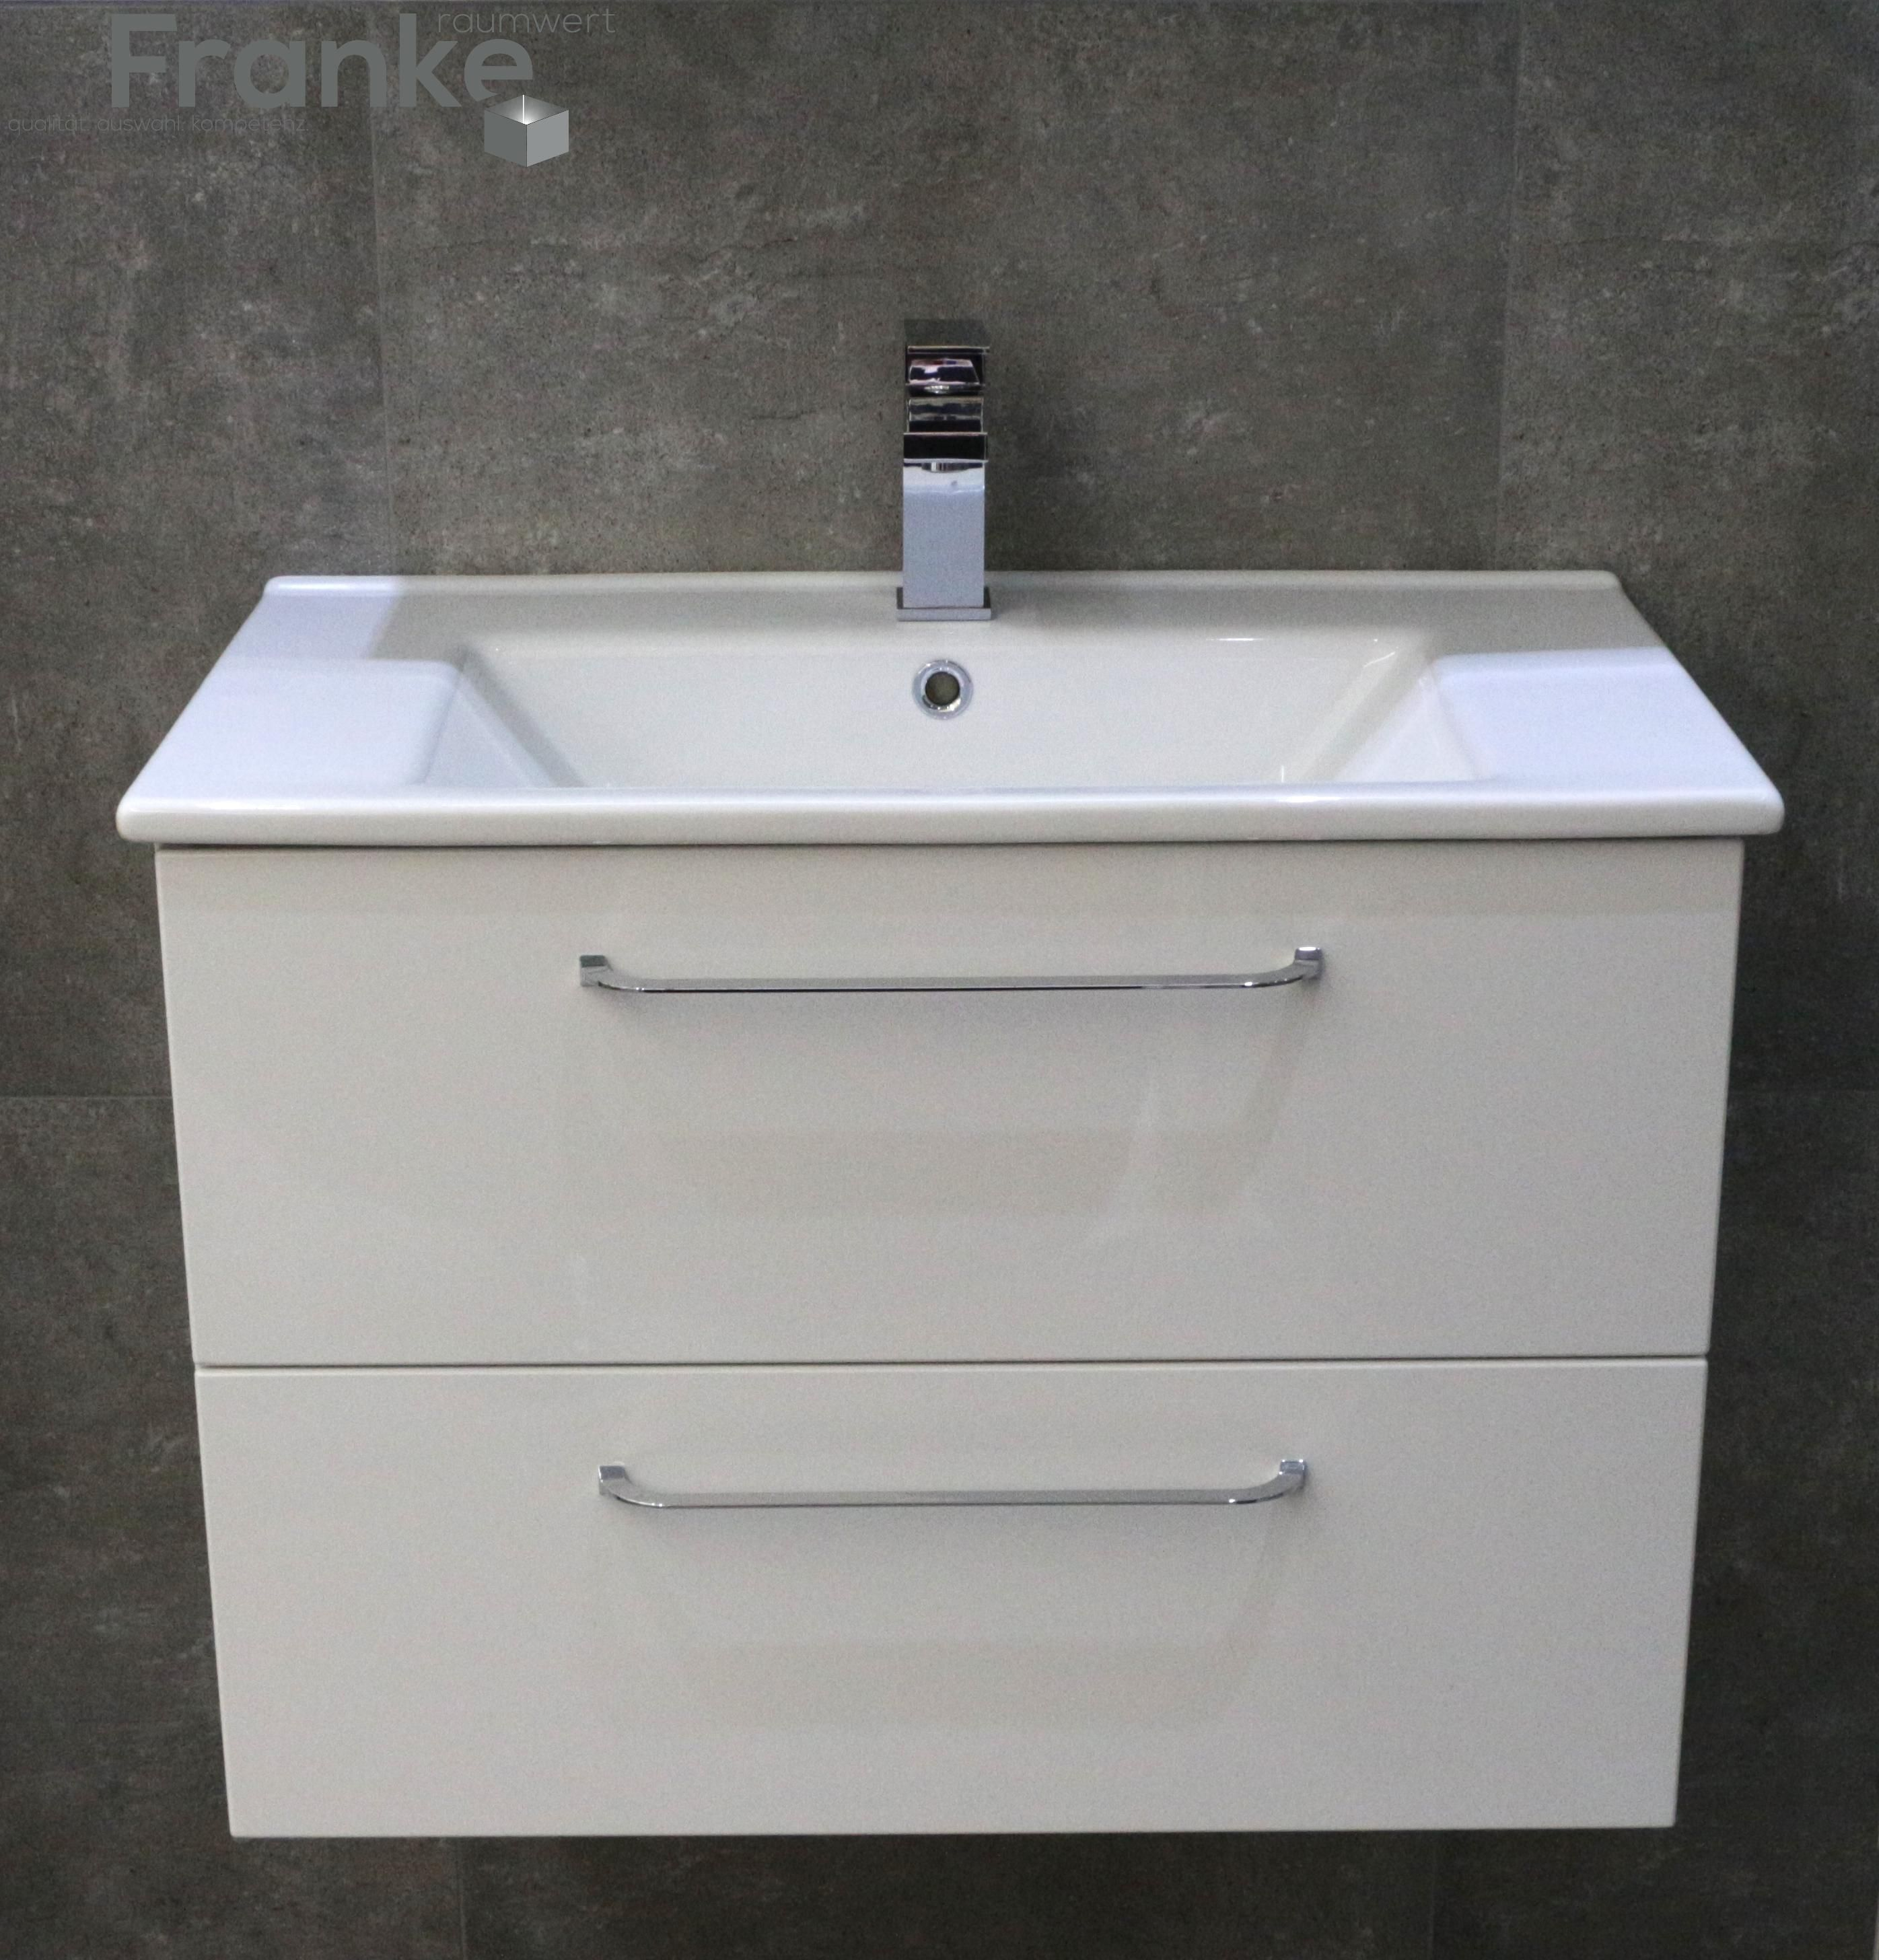 waschtischkombination keramik mit unterschrank neu bei uns in der ausstellung bad. Black Bedroom Furniture Sets. Home Design Ideas